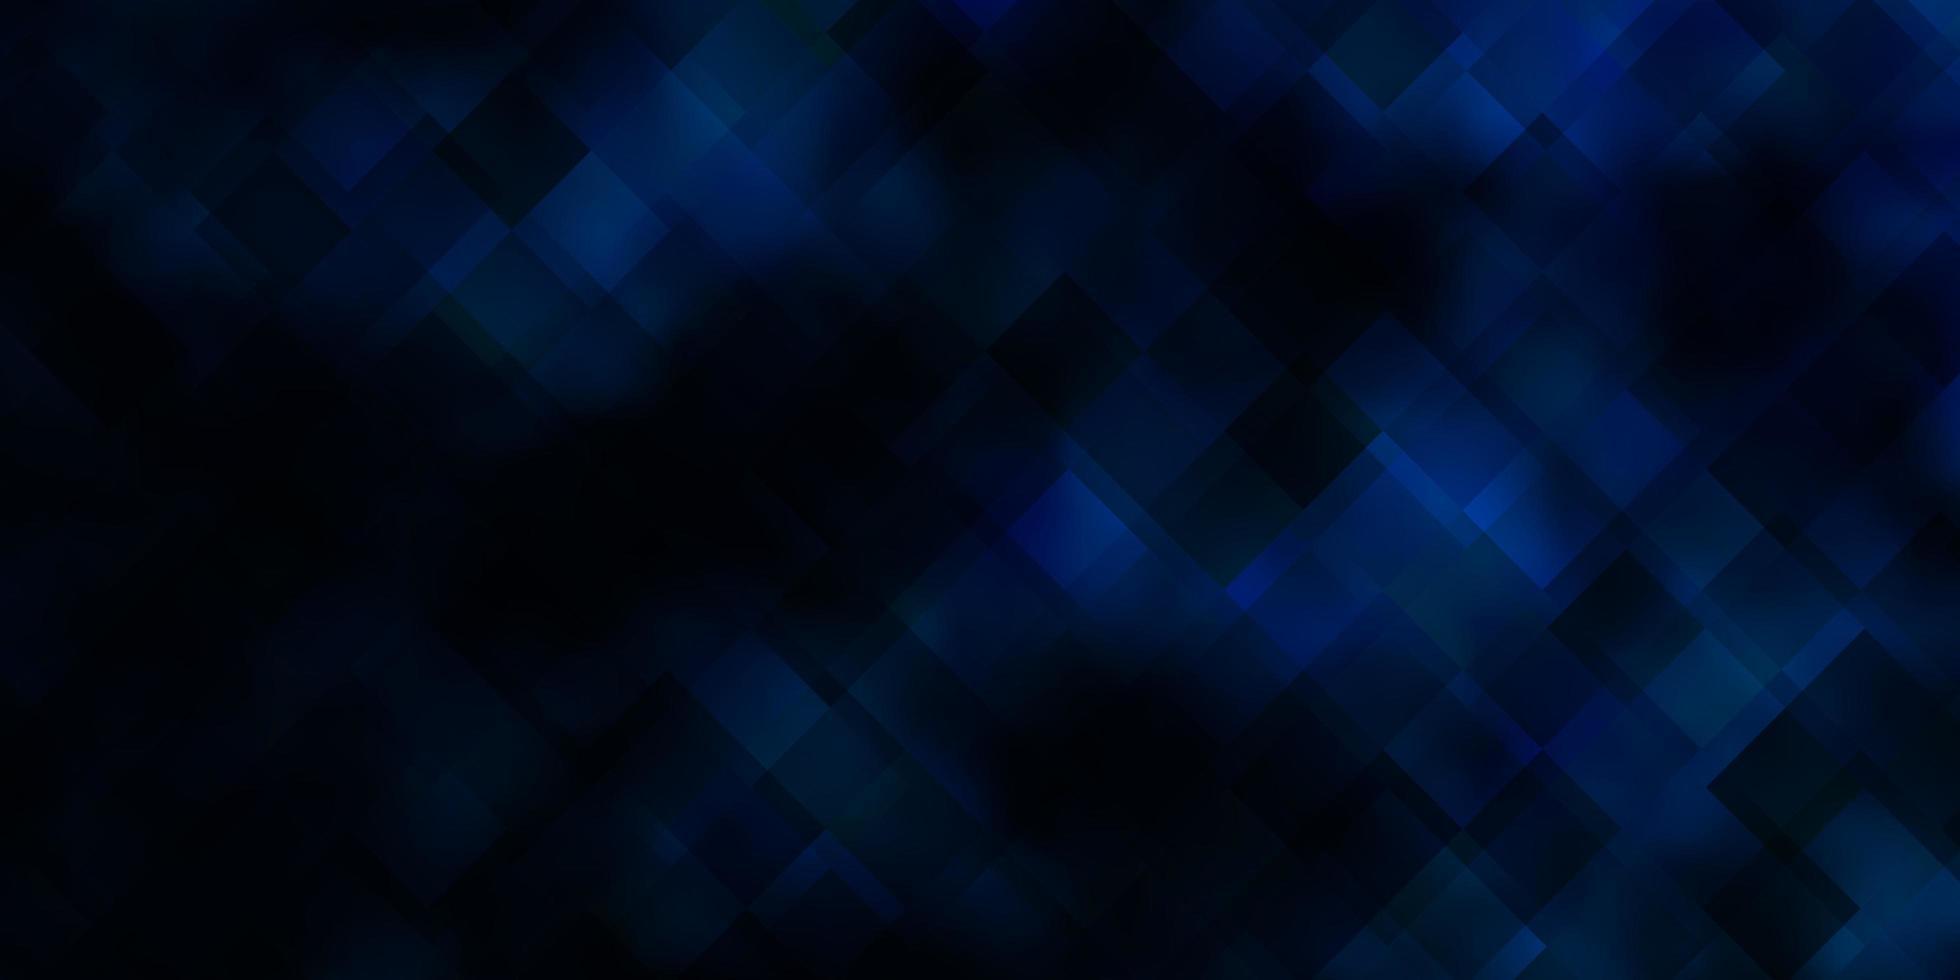 diseño de vector azul claro con líneas, rectángulos.